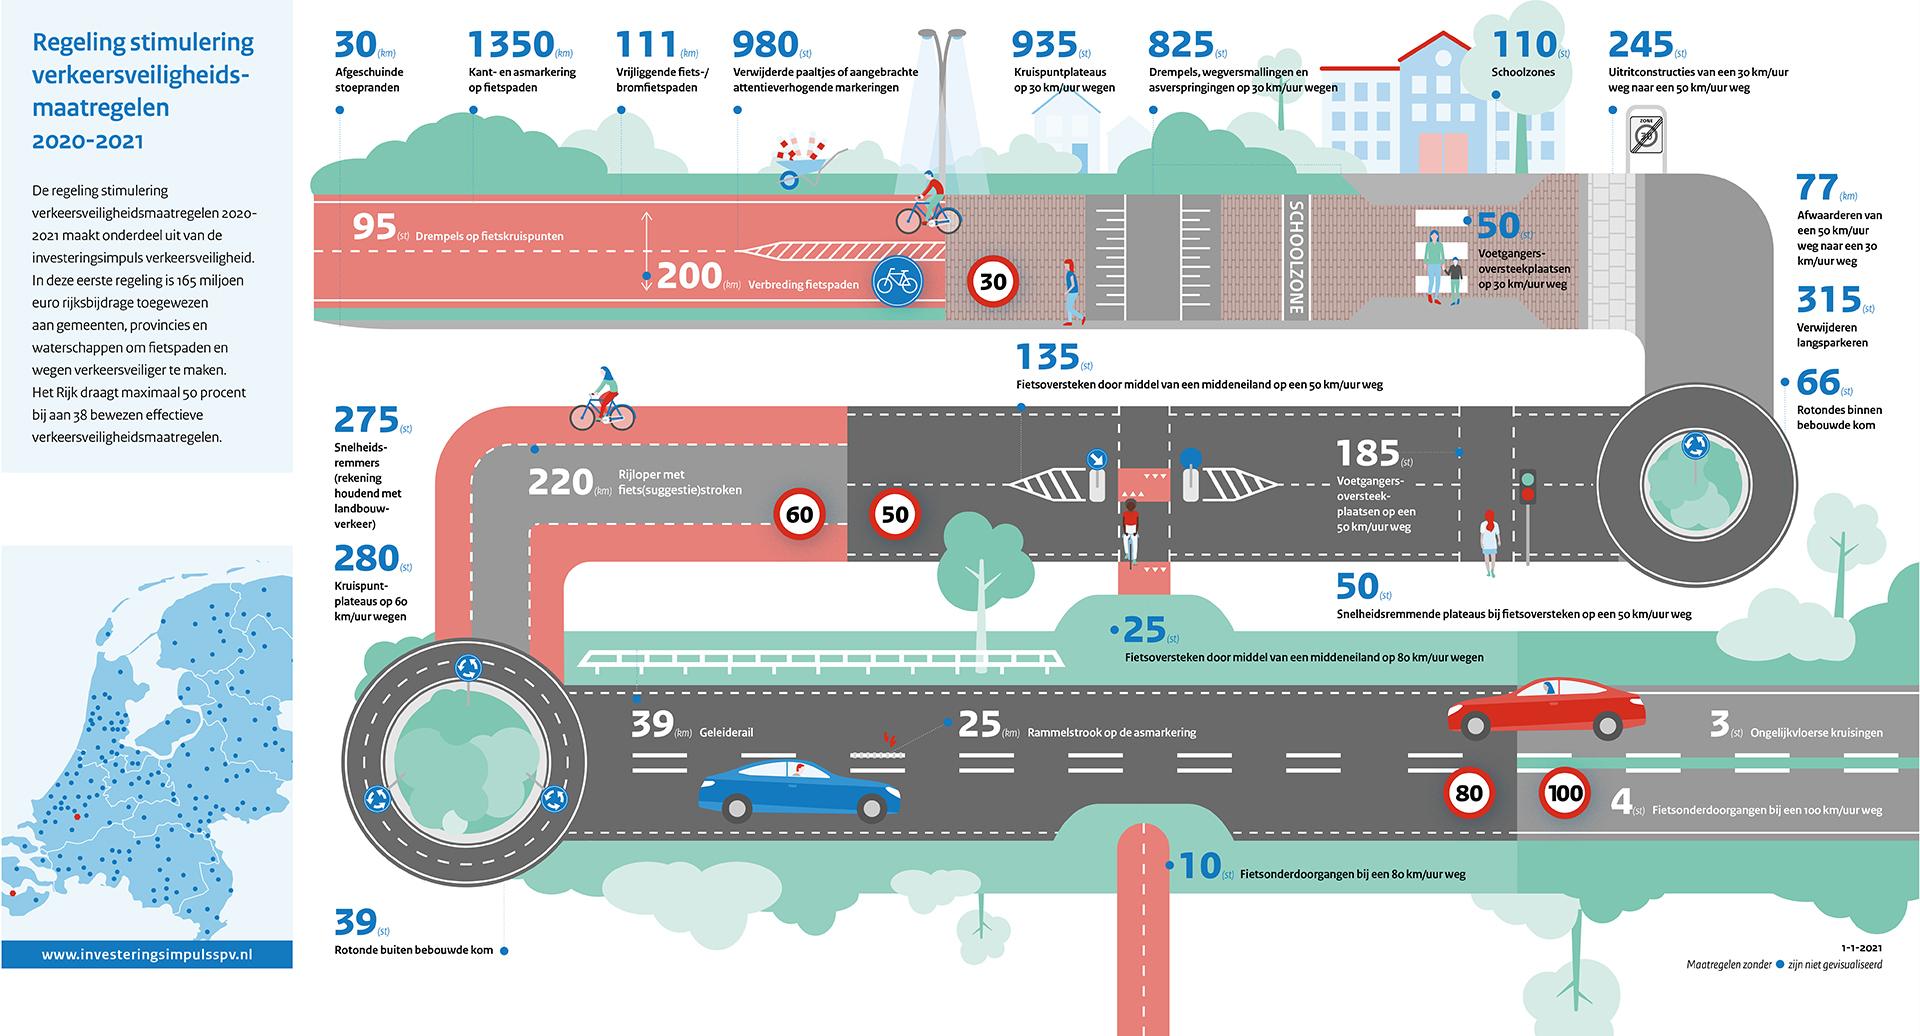 Infographic van de Regeling stimulering verkeersveiligheidsmaatregelen 2020-2021